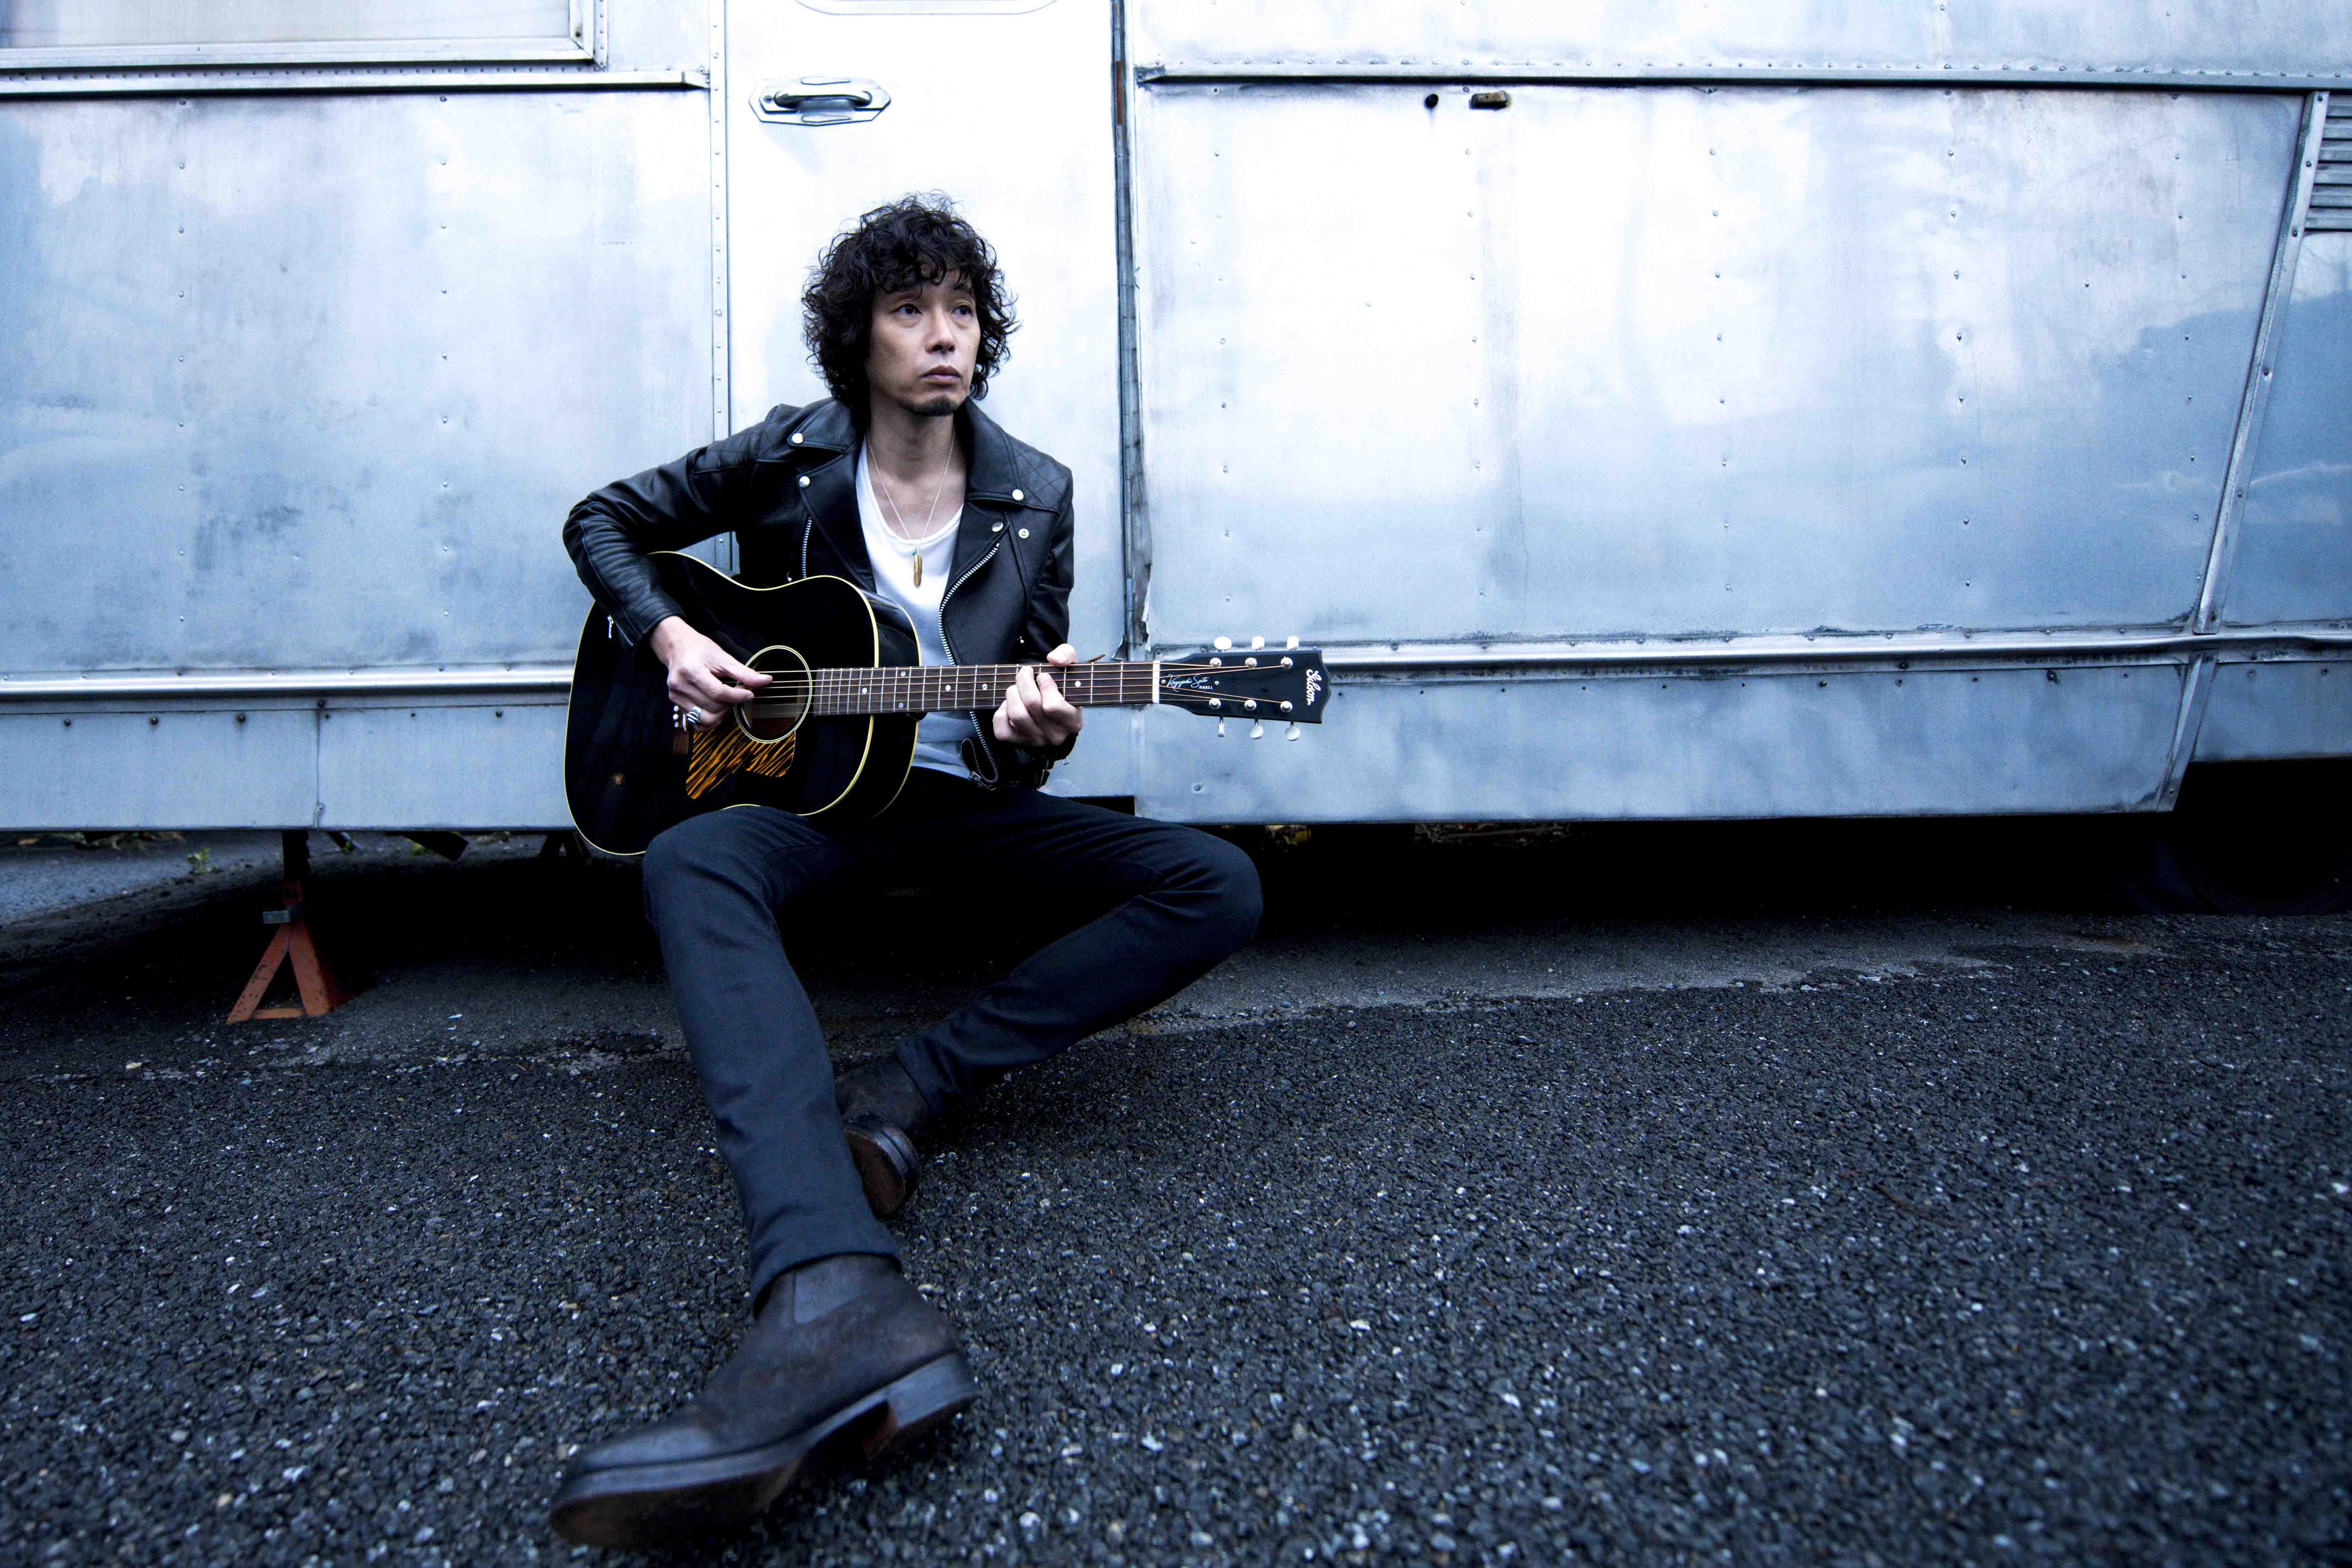 斉藤和義 25周年ツアーで初披露された「カラー」とオリコン1位のアルバム「Toys Blood Music」 のライブ作品が同時リリース決定